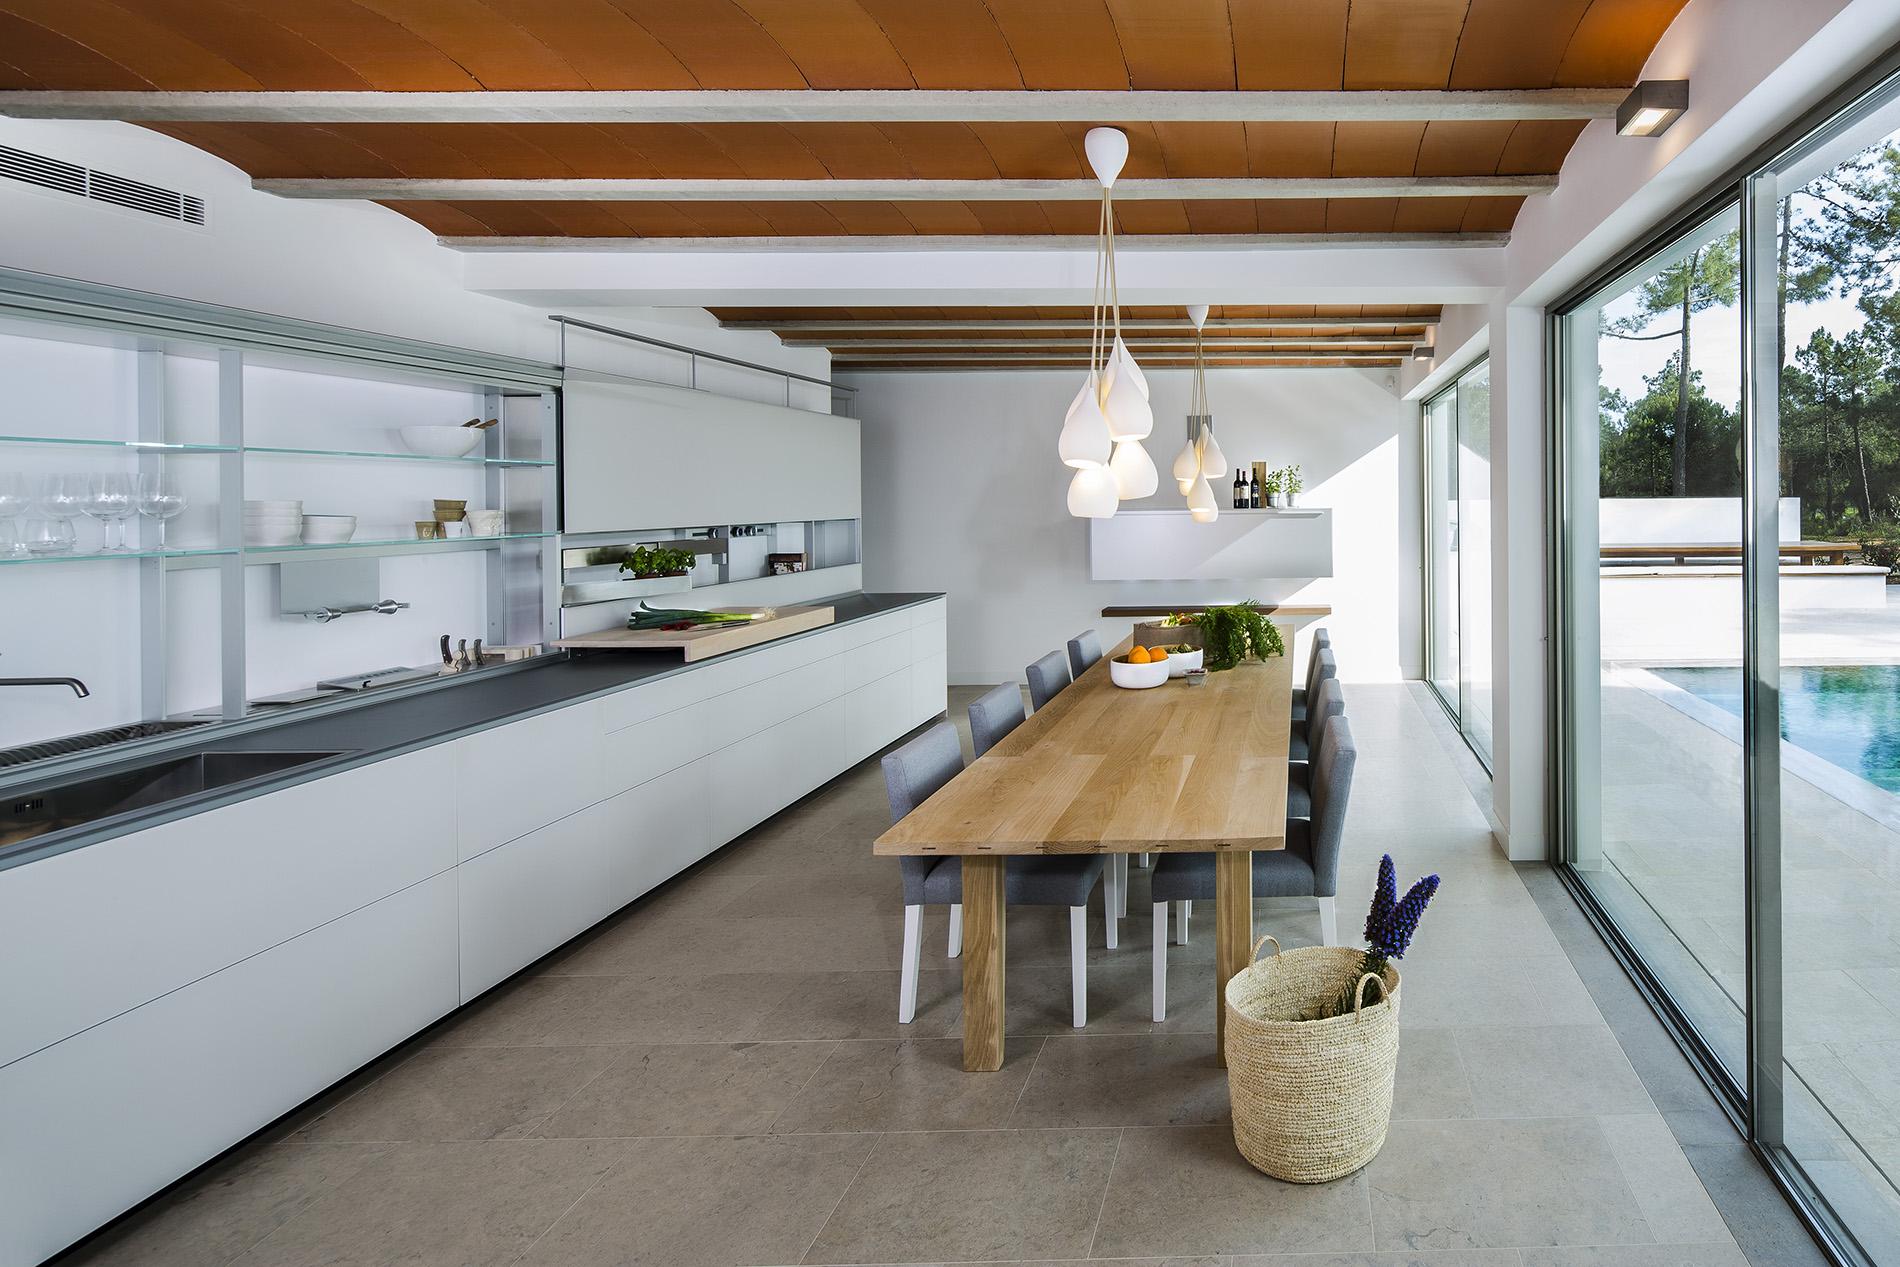 4 Sn Lorenzo Norte, Ibiza - Kitchen